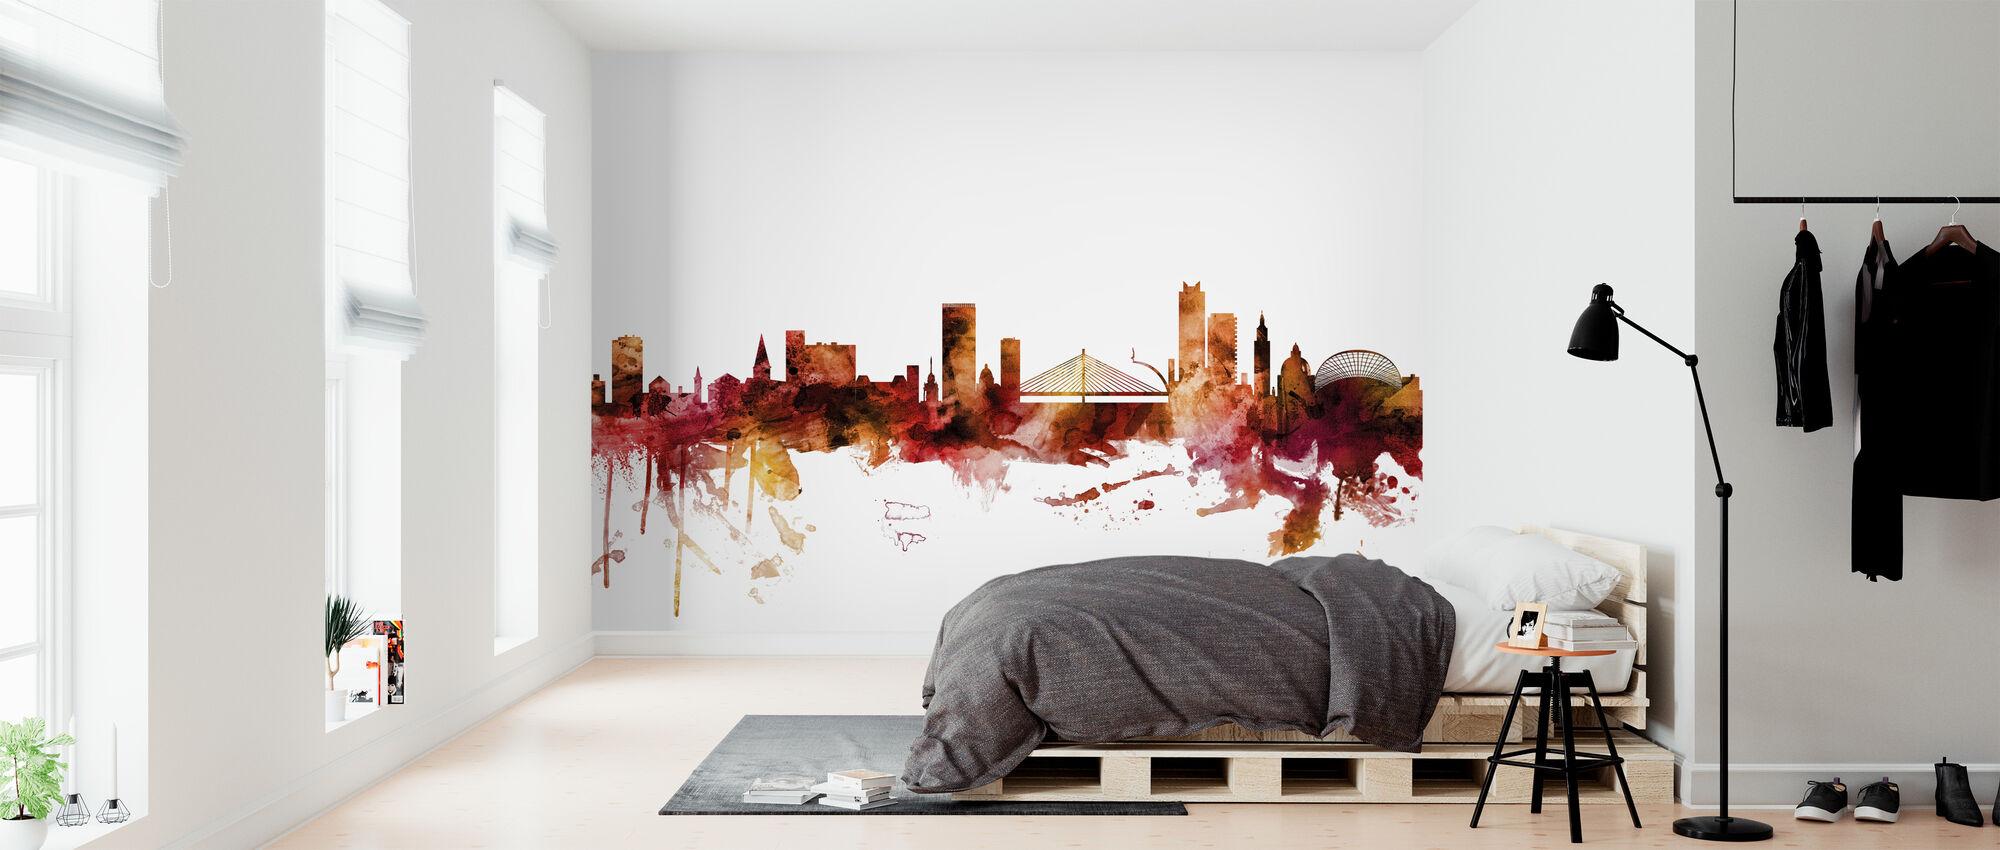 Liege Belgium Skyline - Wallpaper - Bedroom